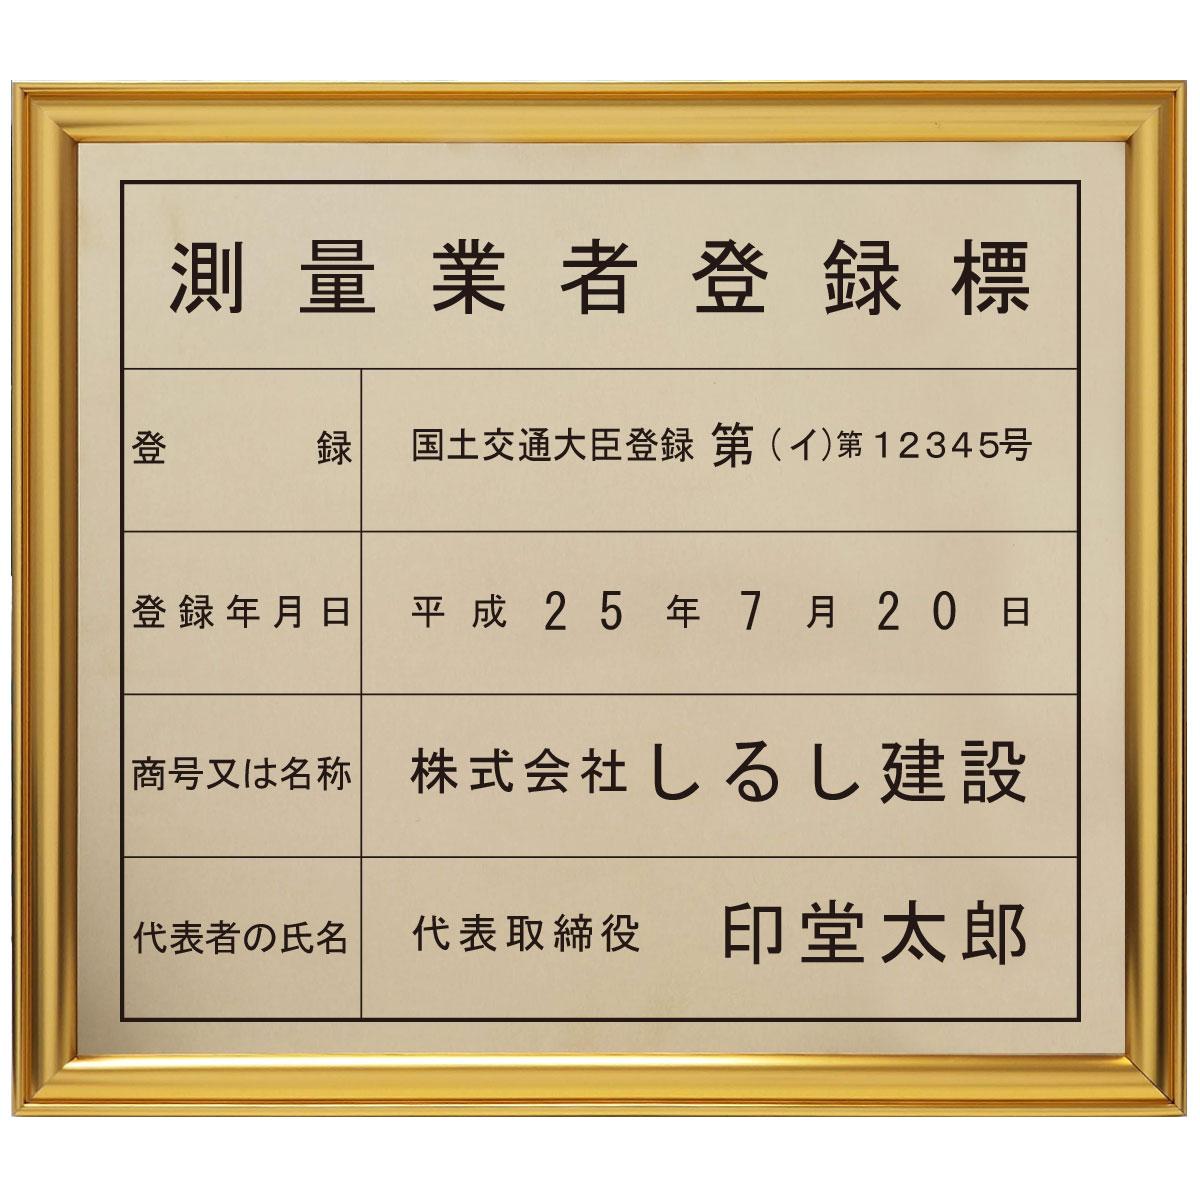 測量業者登録標真鍮(C2801)製プレミアムゴールド/ 店舗 事務所用看板 文字入れ 名入れ 別注品 特注品 看板 法定看板 許可票 建設業の許可票